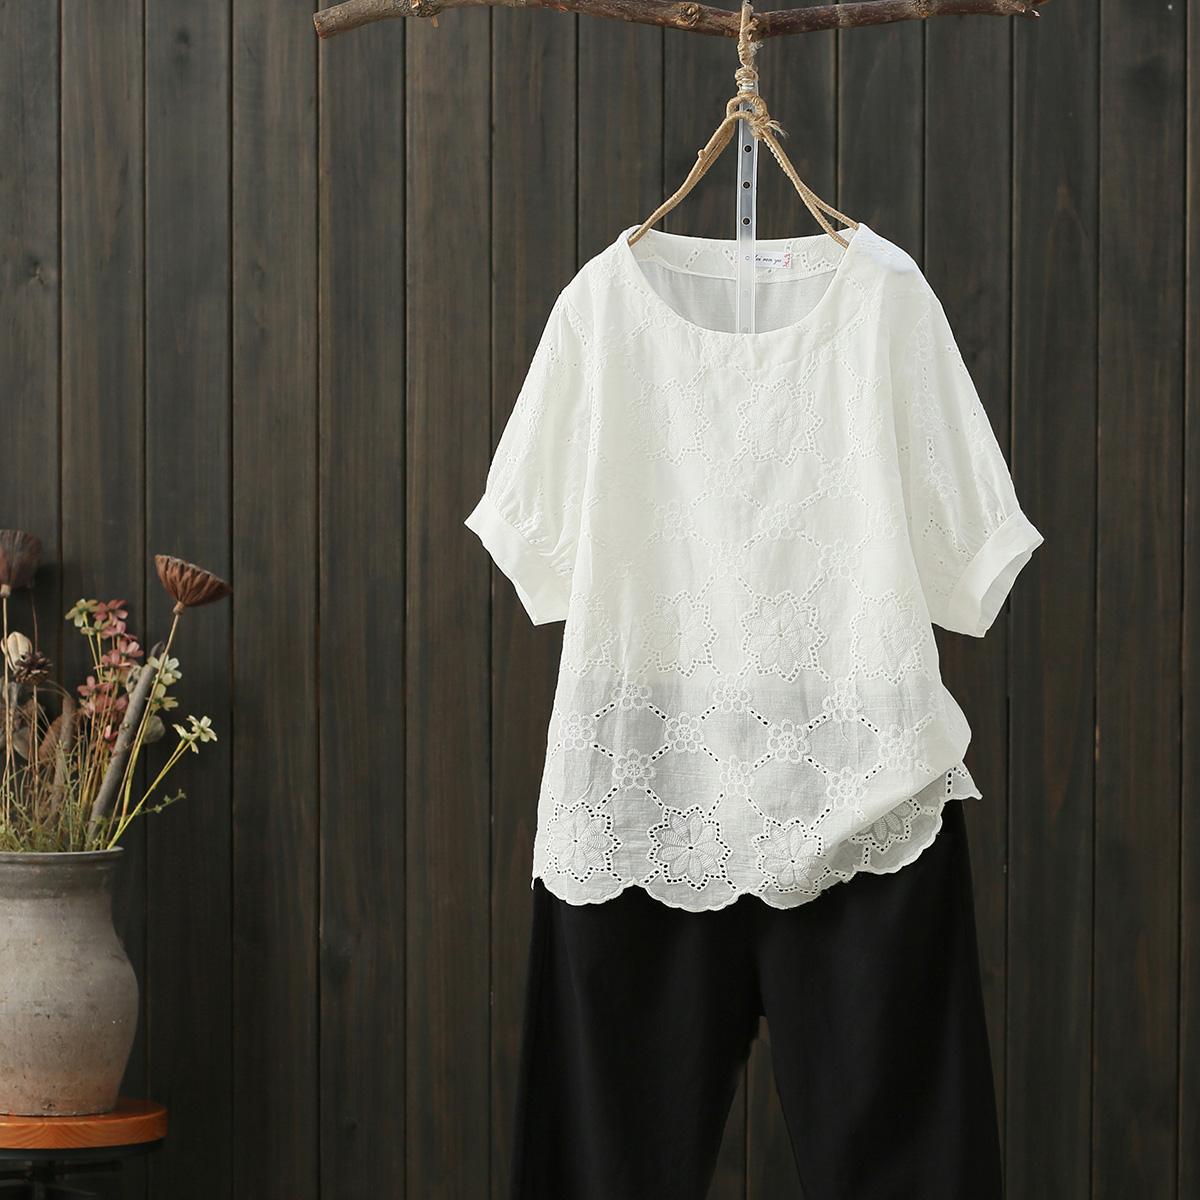 無地綿麻シンプル透かし彫り夏ラウンドネックプルオーバーイエローオレンジピンクホワイトレッド五分袖花柄Tシャツ